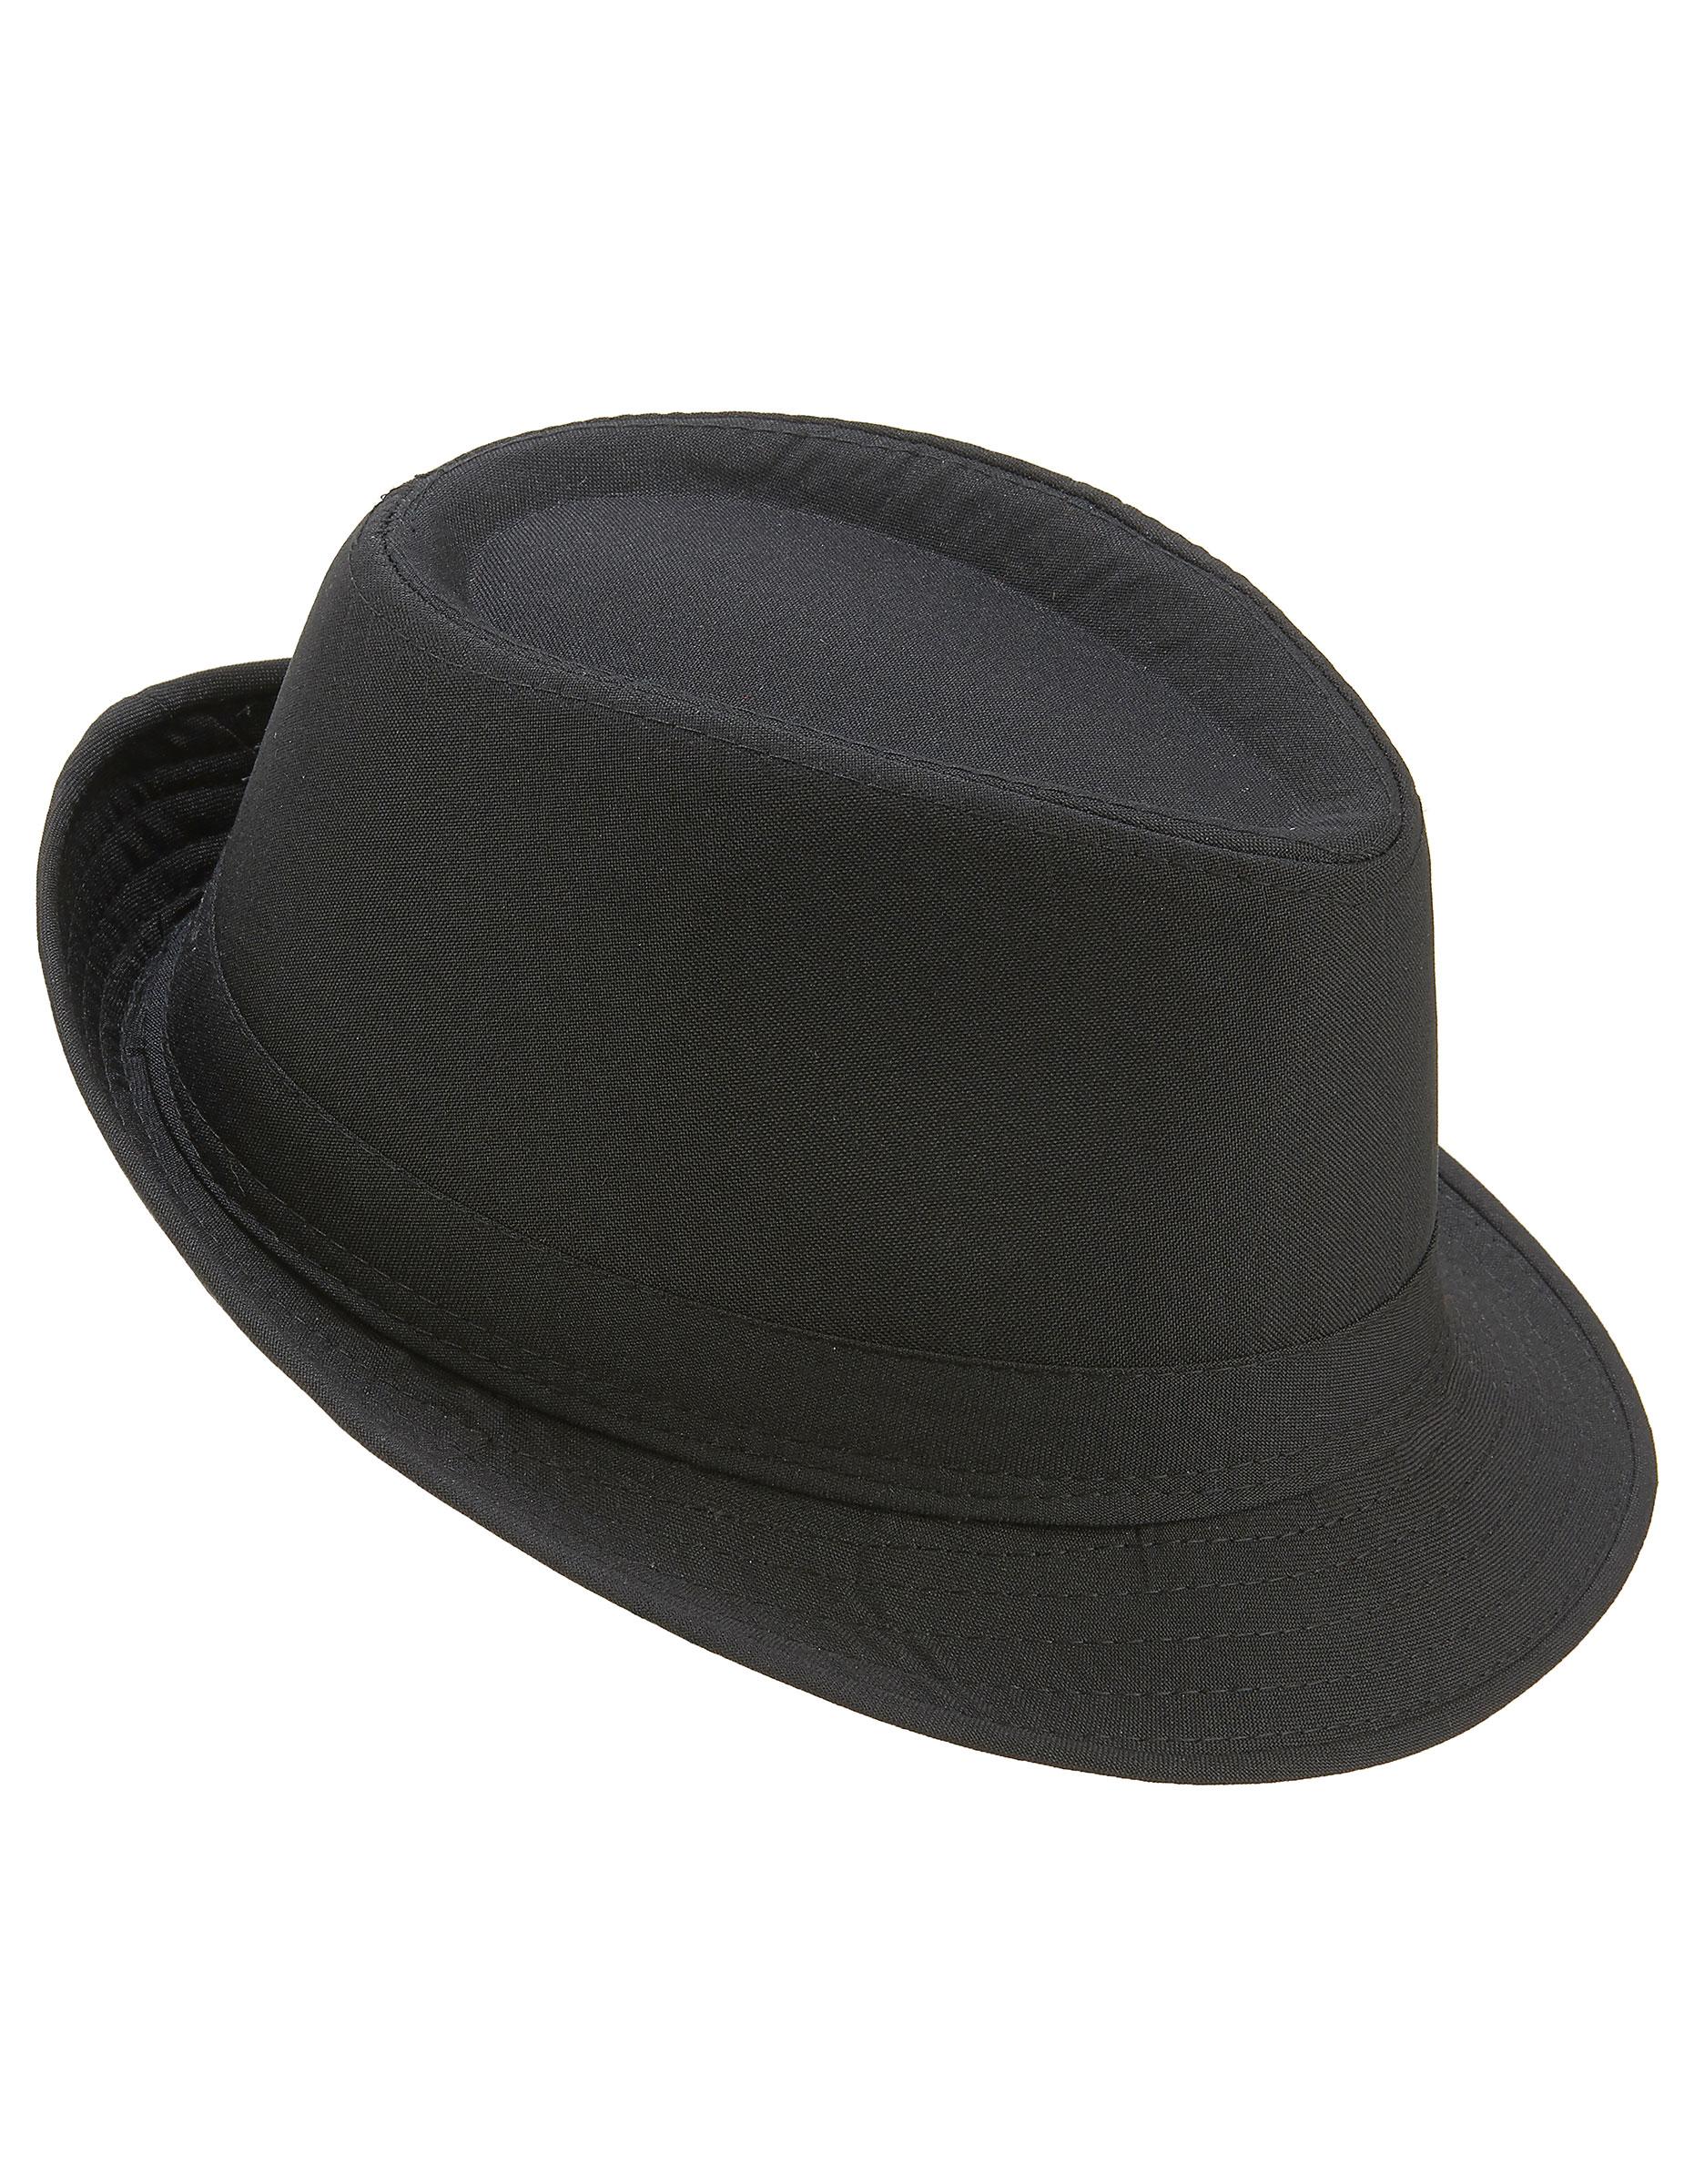 Cappello borsalino nero adulto  Cappelli 1fcaa7499ce9